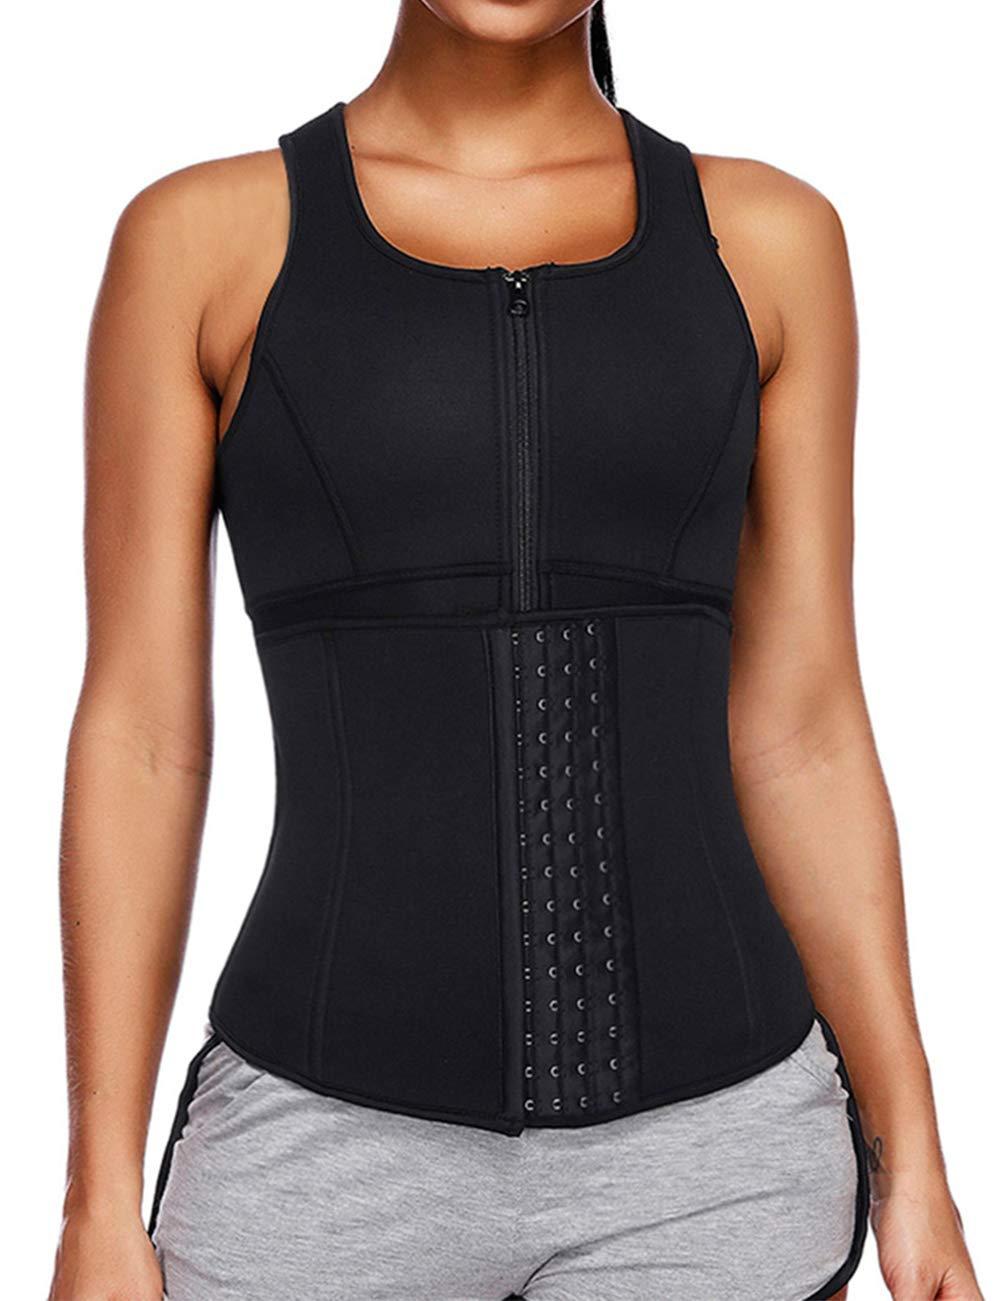 HEXIN Women's Neoprene Waist Trainer Vest Steel Boned Slimming Sauna Sweat Vest 4 Rows Hooks Adjustable Waist Shapers